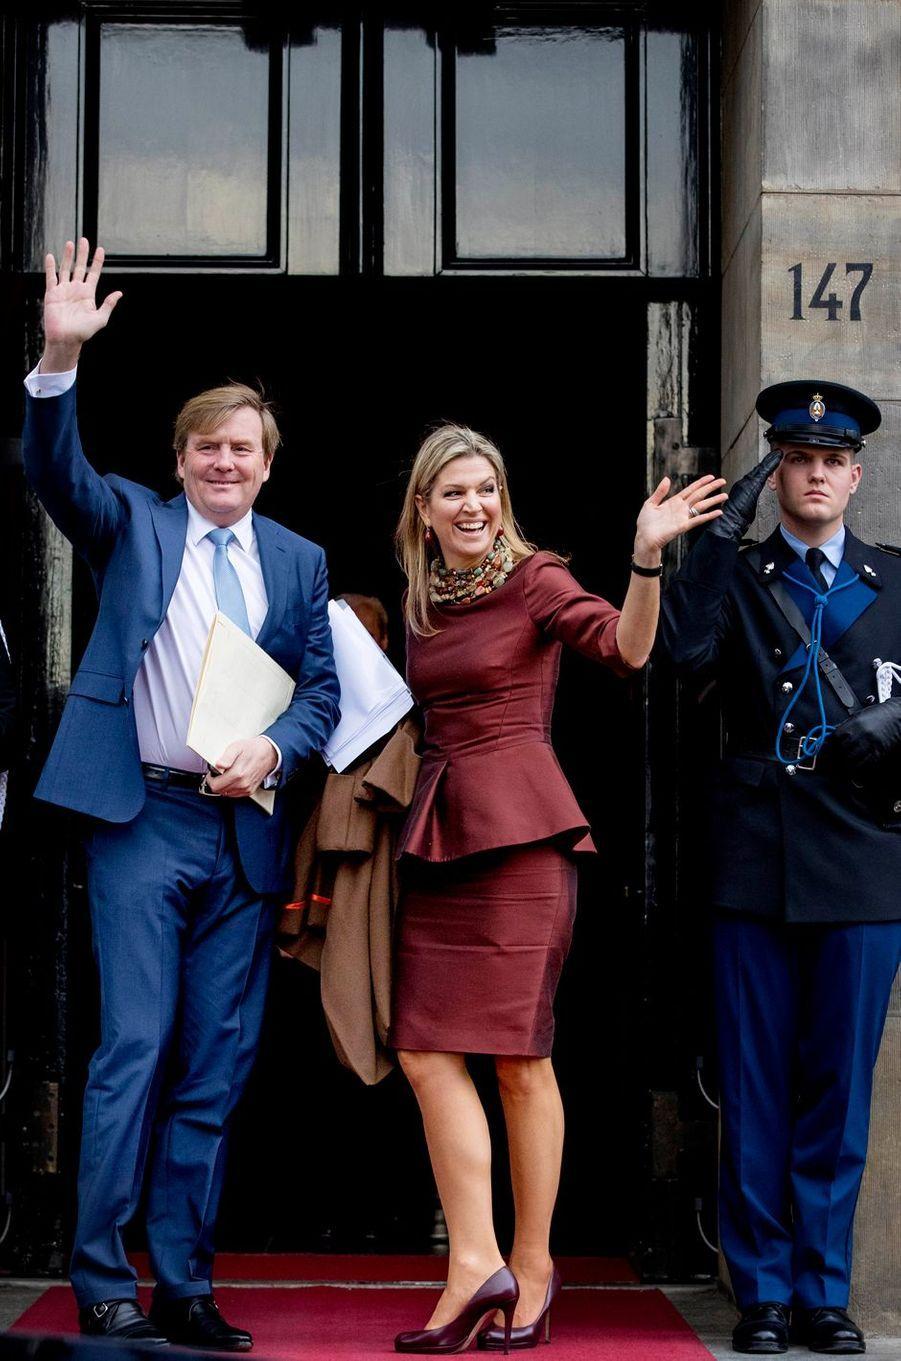 La reine Maxima et le roi Willem-Alexander des Pays-Bas devant le Palais royal à Amsterdam, le 8 décembre 2016